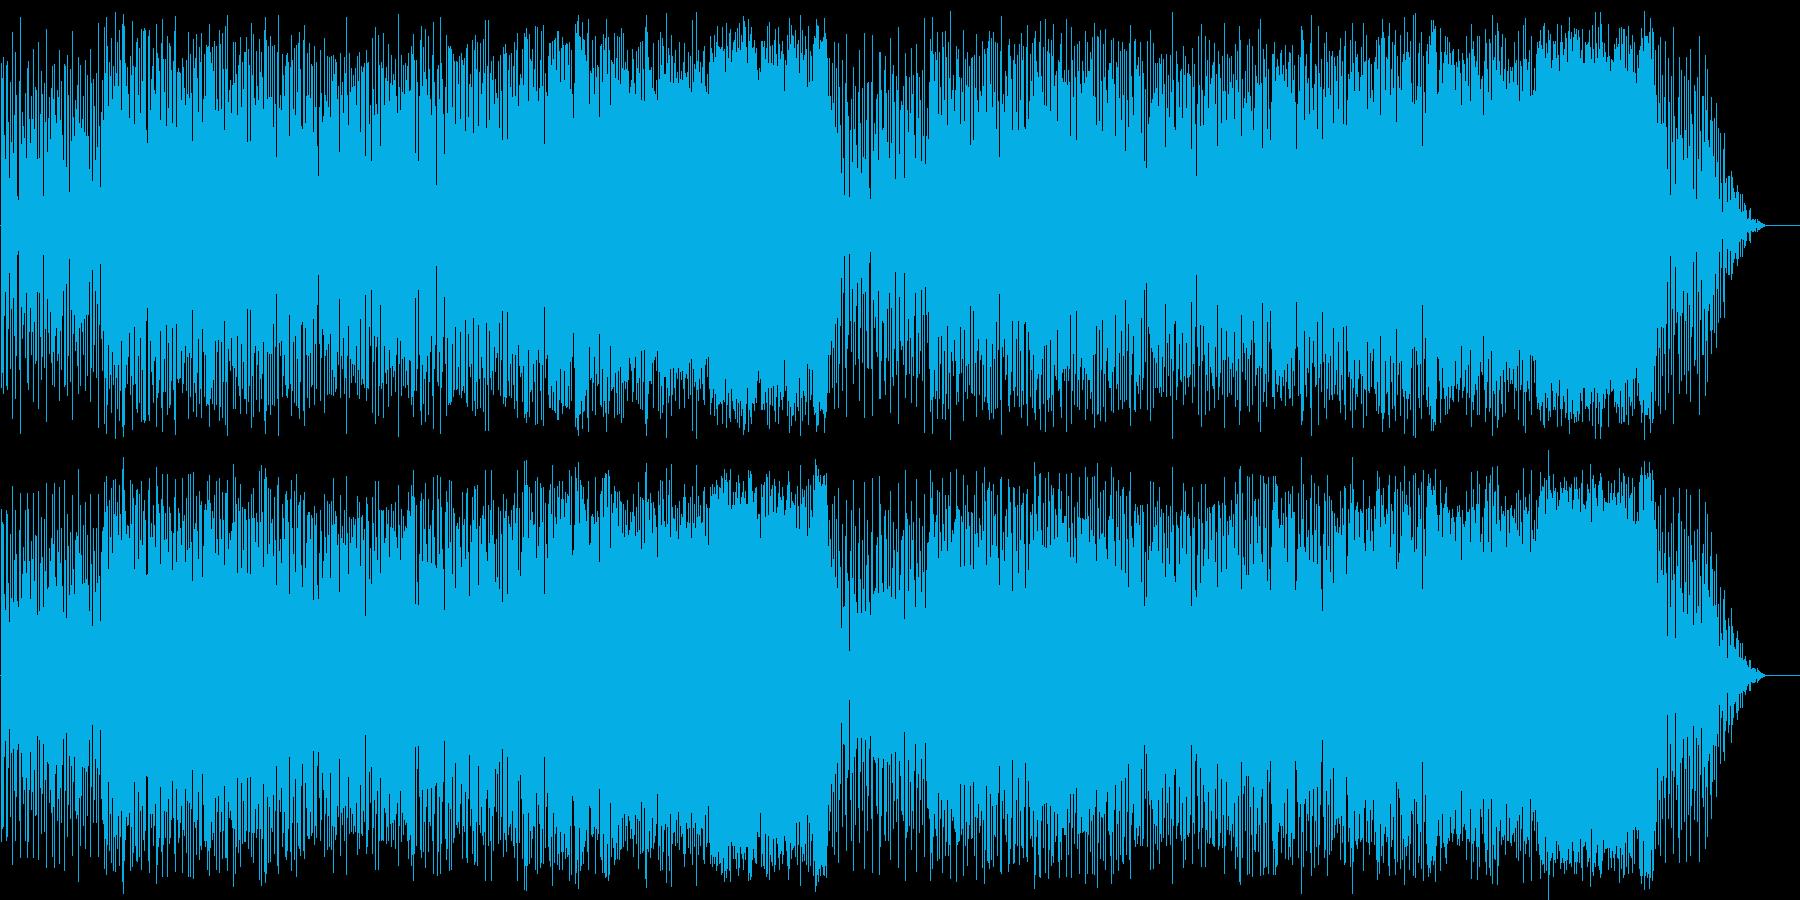 ゲーム用素材/ダンジョン・森に沈んだ遺跡の再生済みの波形